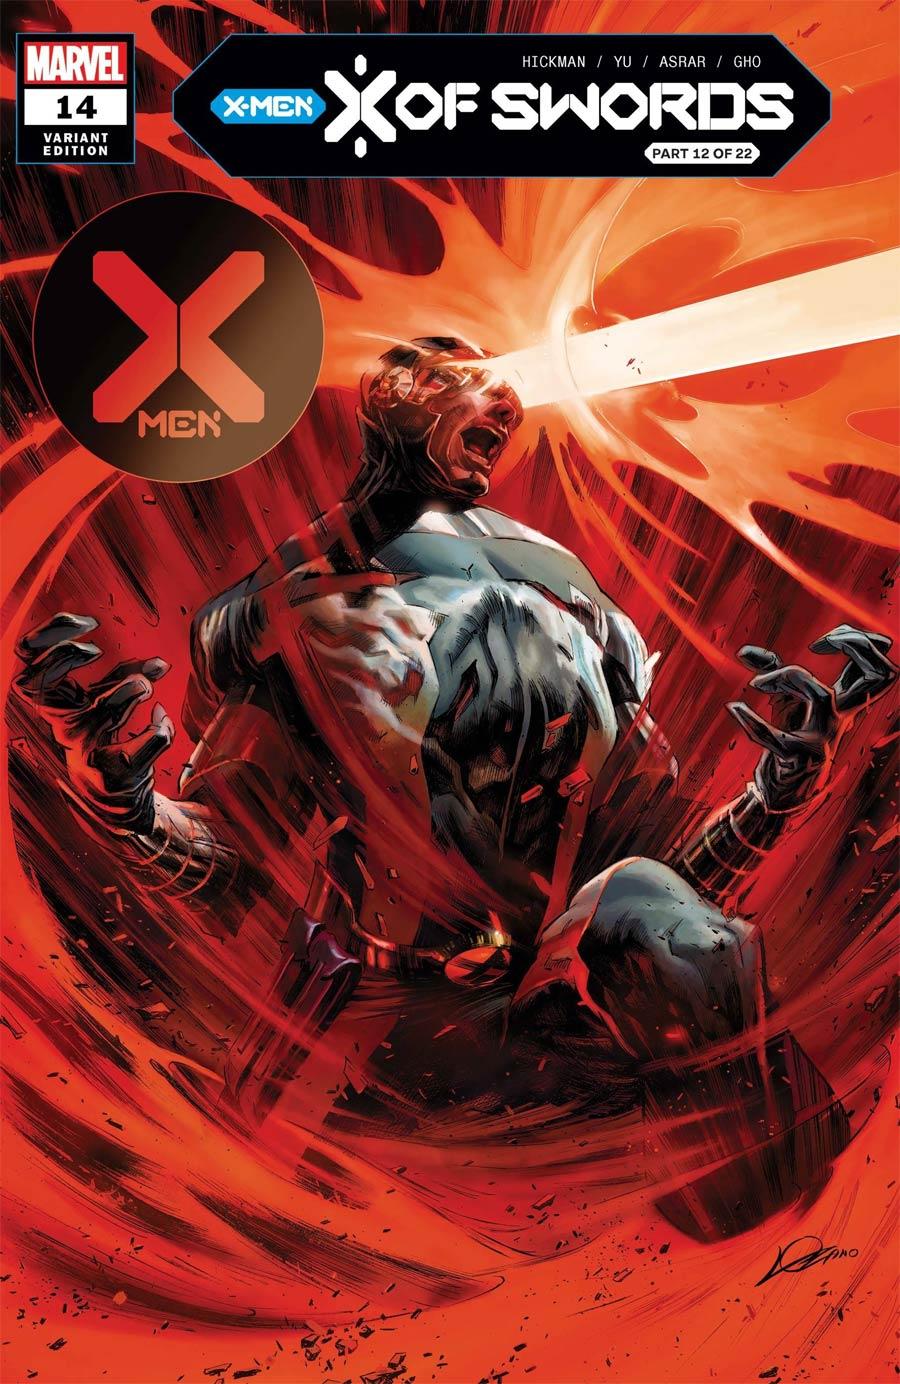 X-Men Vol 5 #14 Cover B Variant Alexander Lozano Cover (X Of Swords Part 12)